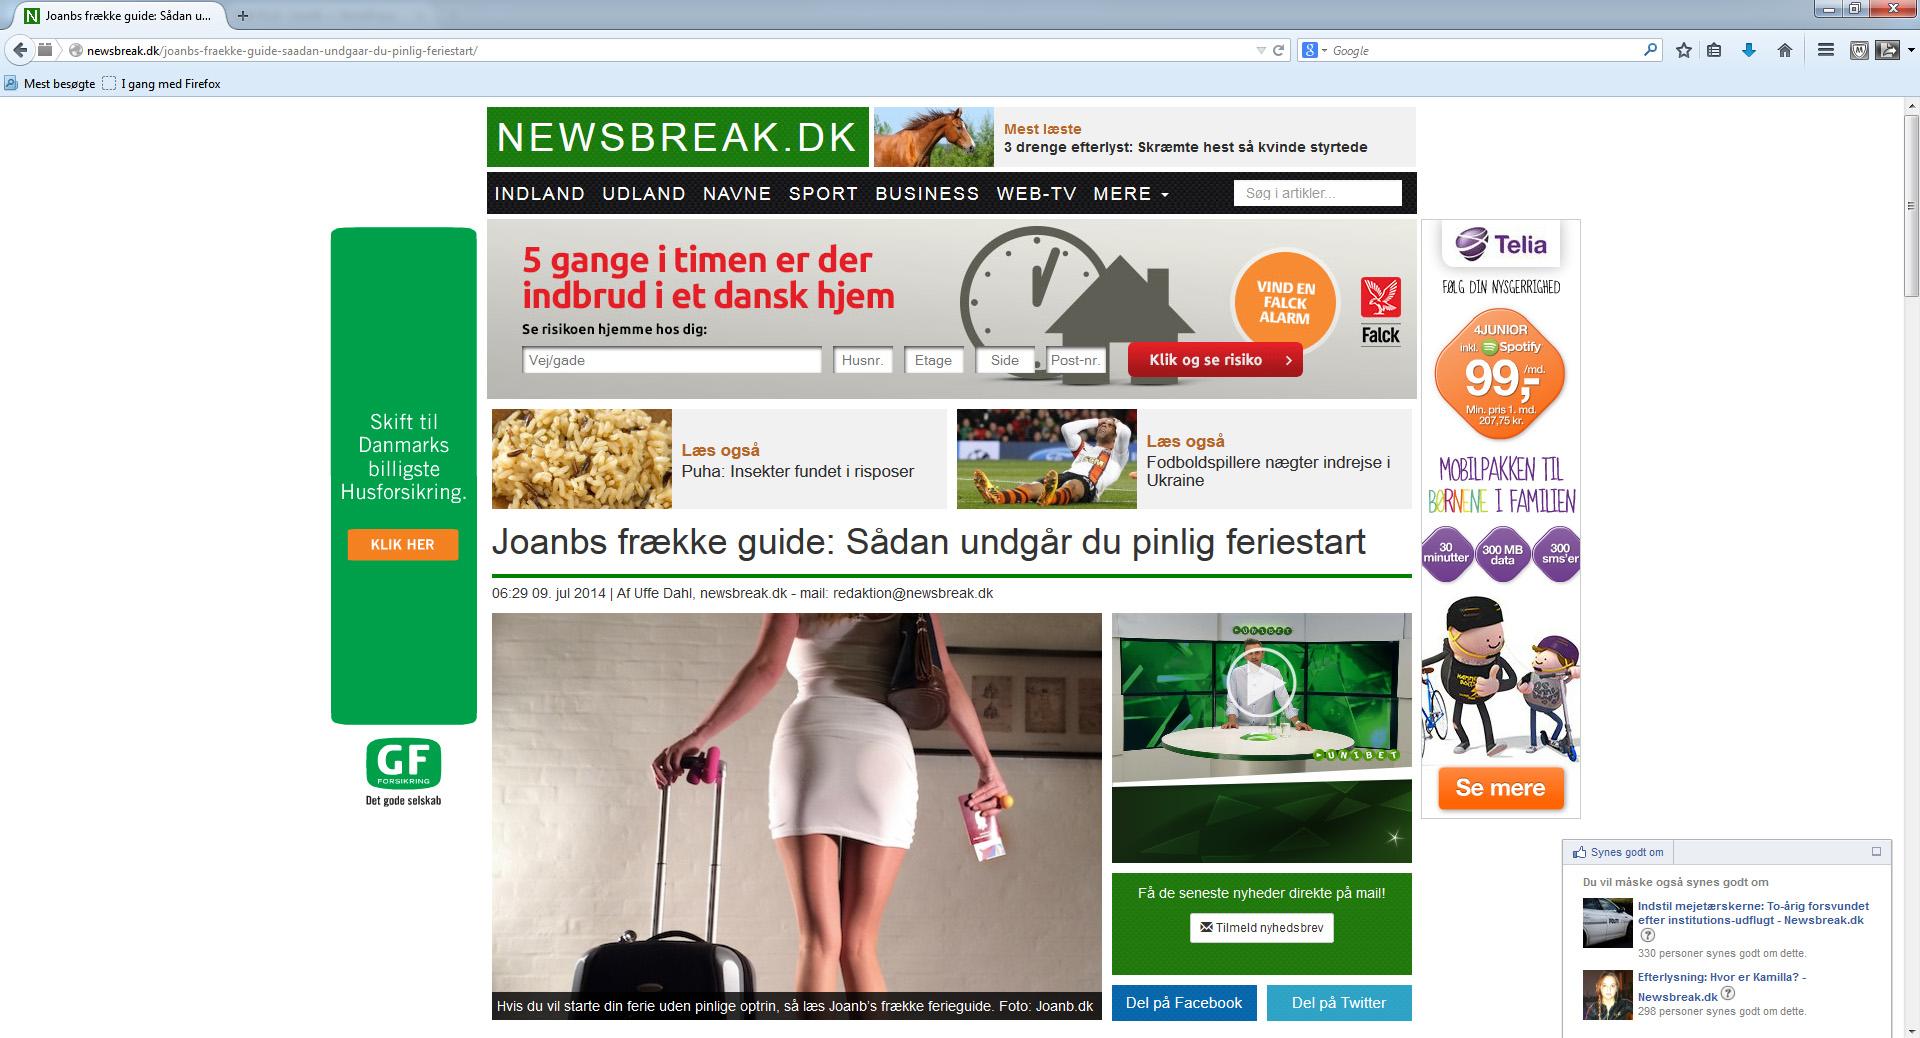 Undgå pinlig feriestart bragt på Newsbreak.dk